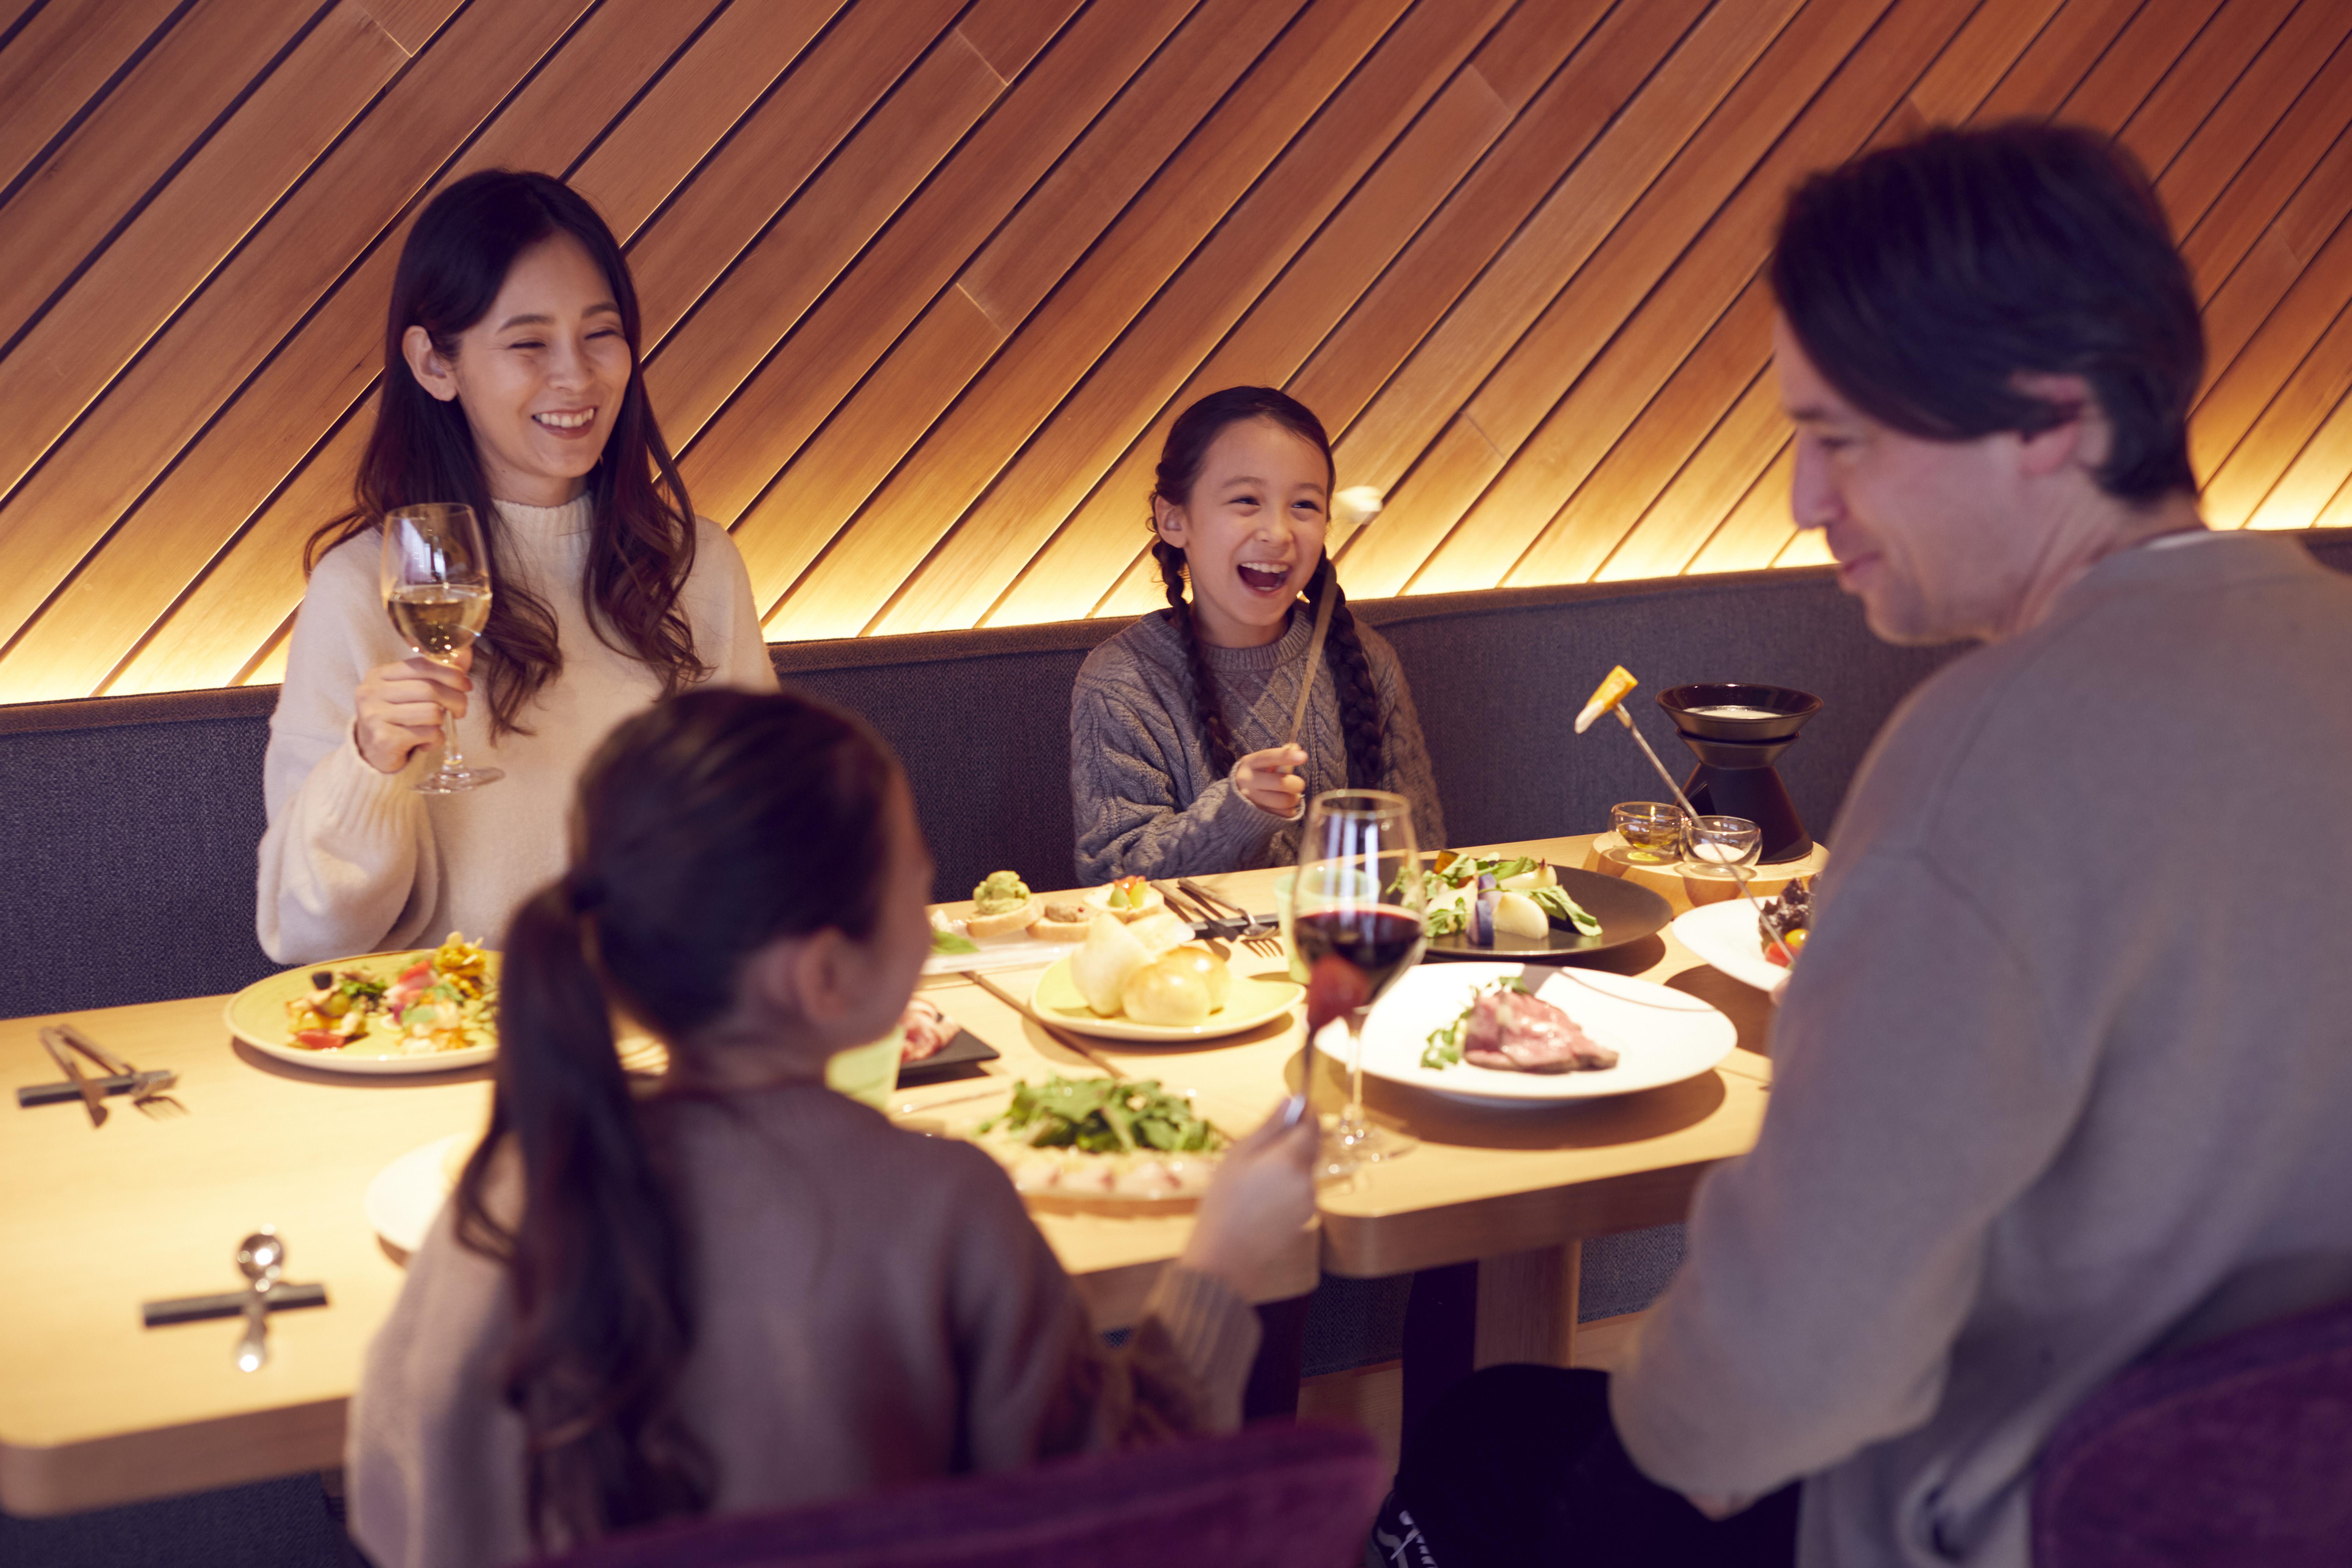 【リゾナーレ那須】SHAKI SHAKI夕食イメージ